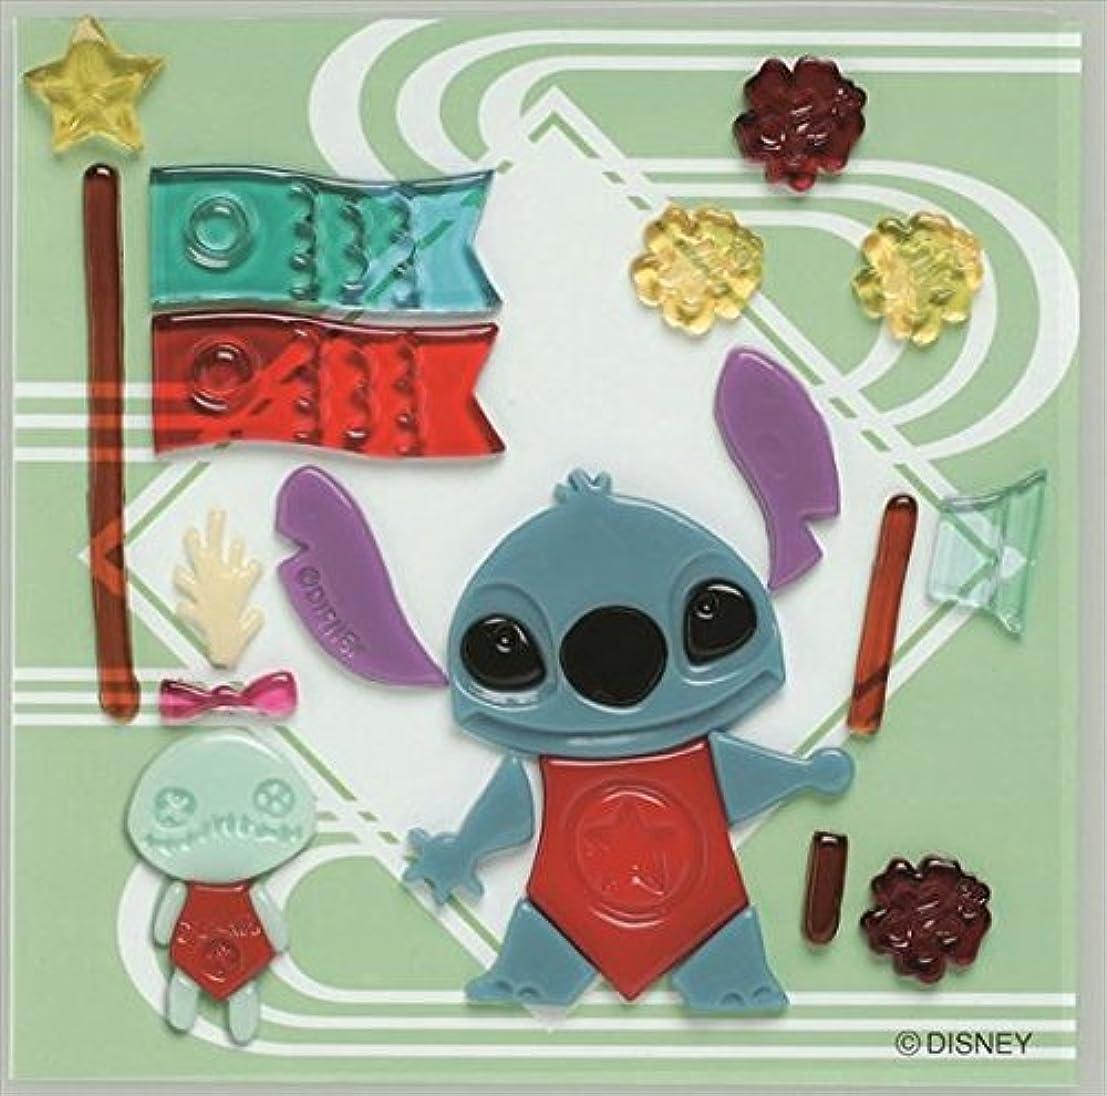 遺跡領収書伝統ディズニー( Disney ) ジェルジェムディズニーバッグS 「 キンタロウスティッチ 」 E1050027